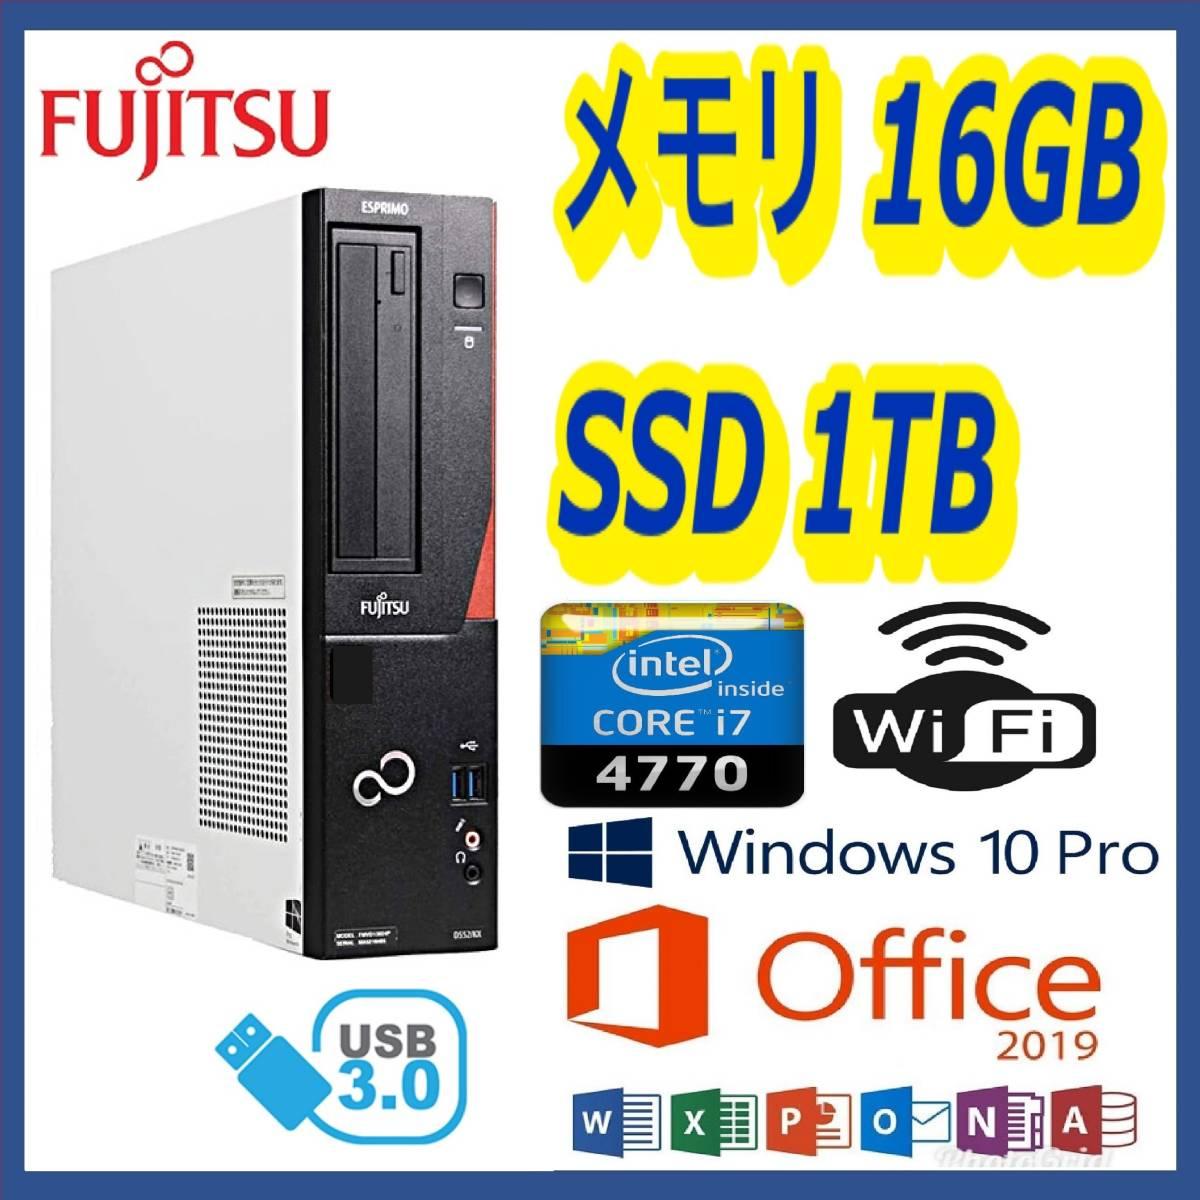 ★富士通★小型★超高速 i7-4770(3.9Gx8)/新品SSD1TB/大容量16GBメモリ/Wi-Fi(無線)/USB3.0/Win10/Office2019★ESPRIMO D552/KX改★